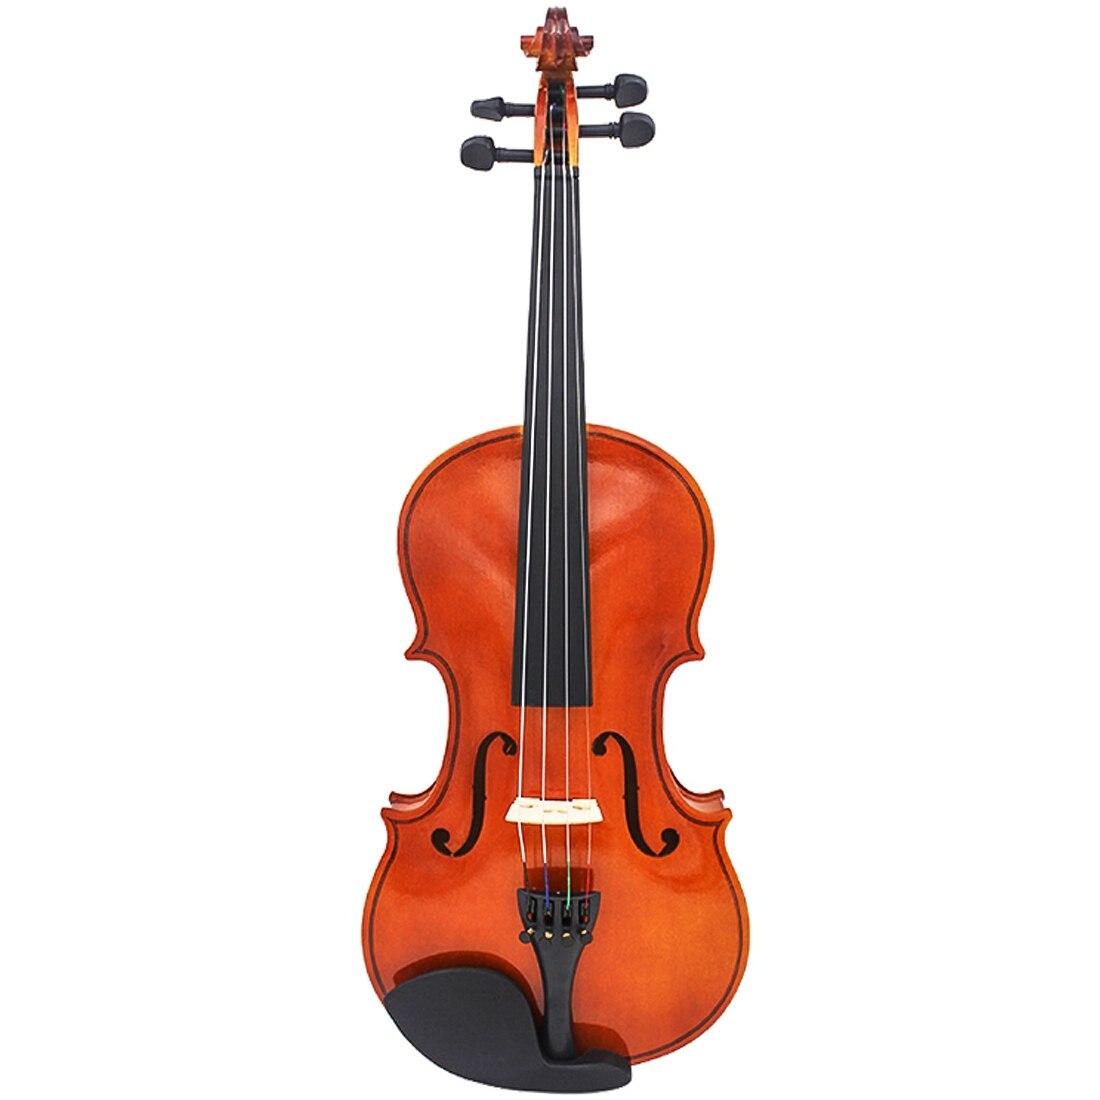 4/4 violon en bois massif fait à la main avec étui colophane violons pour débutants enfants Instruments de musique jouet-naturel